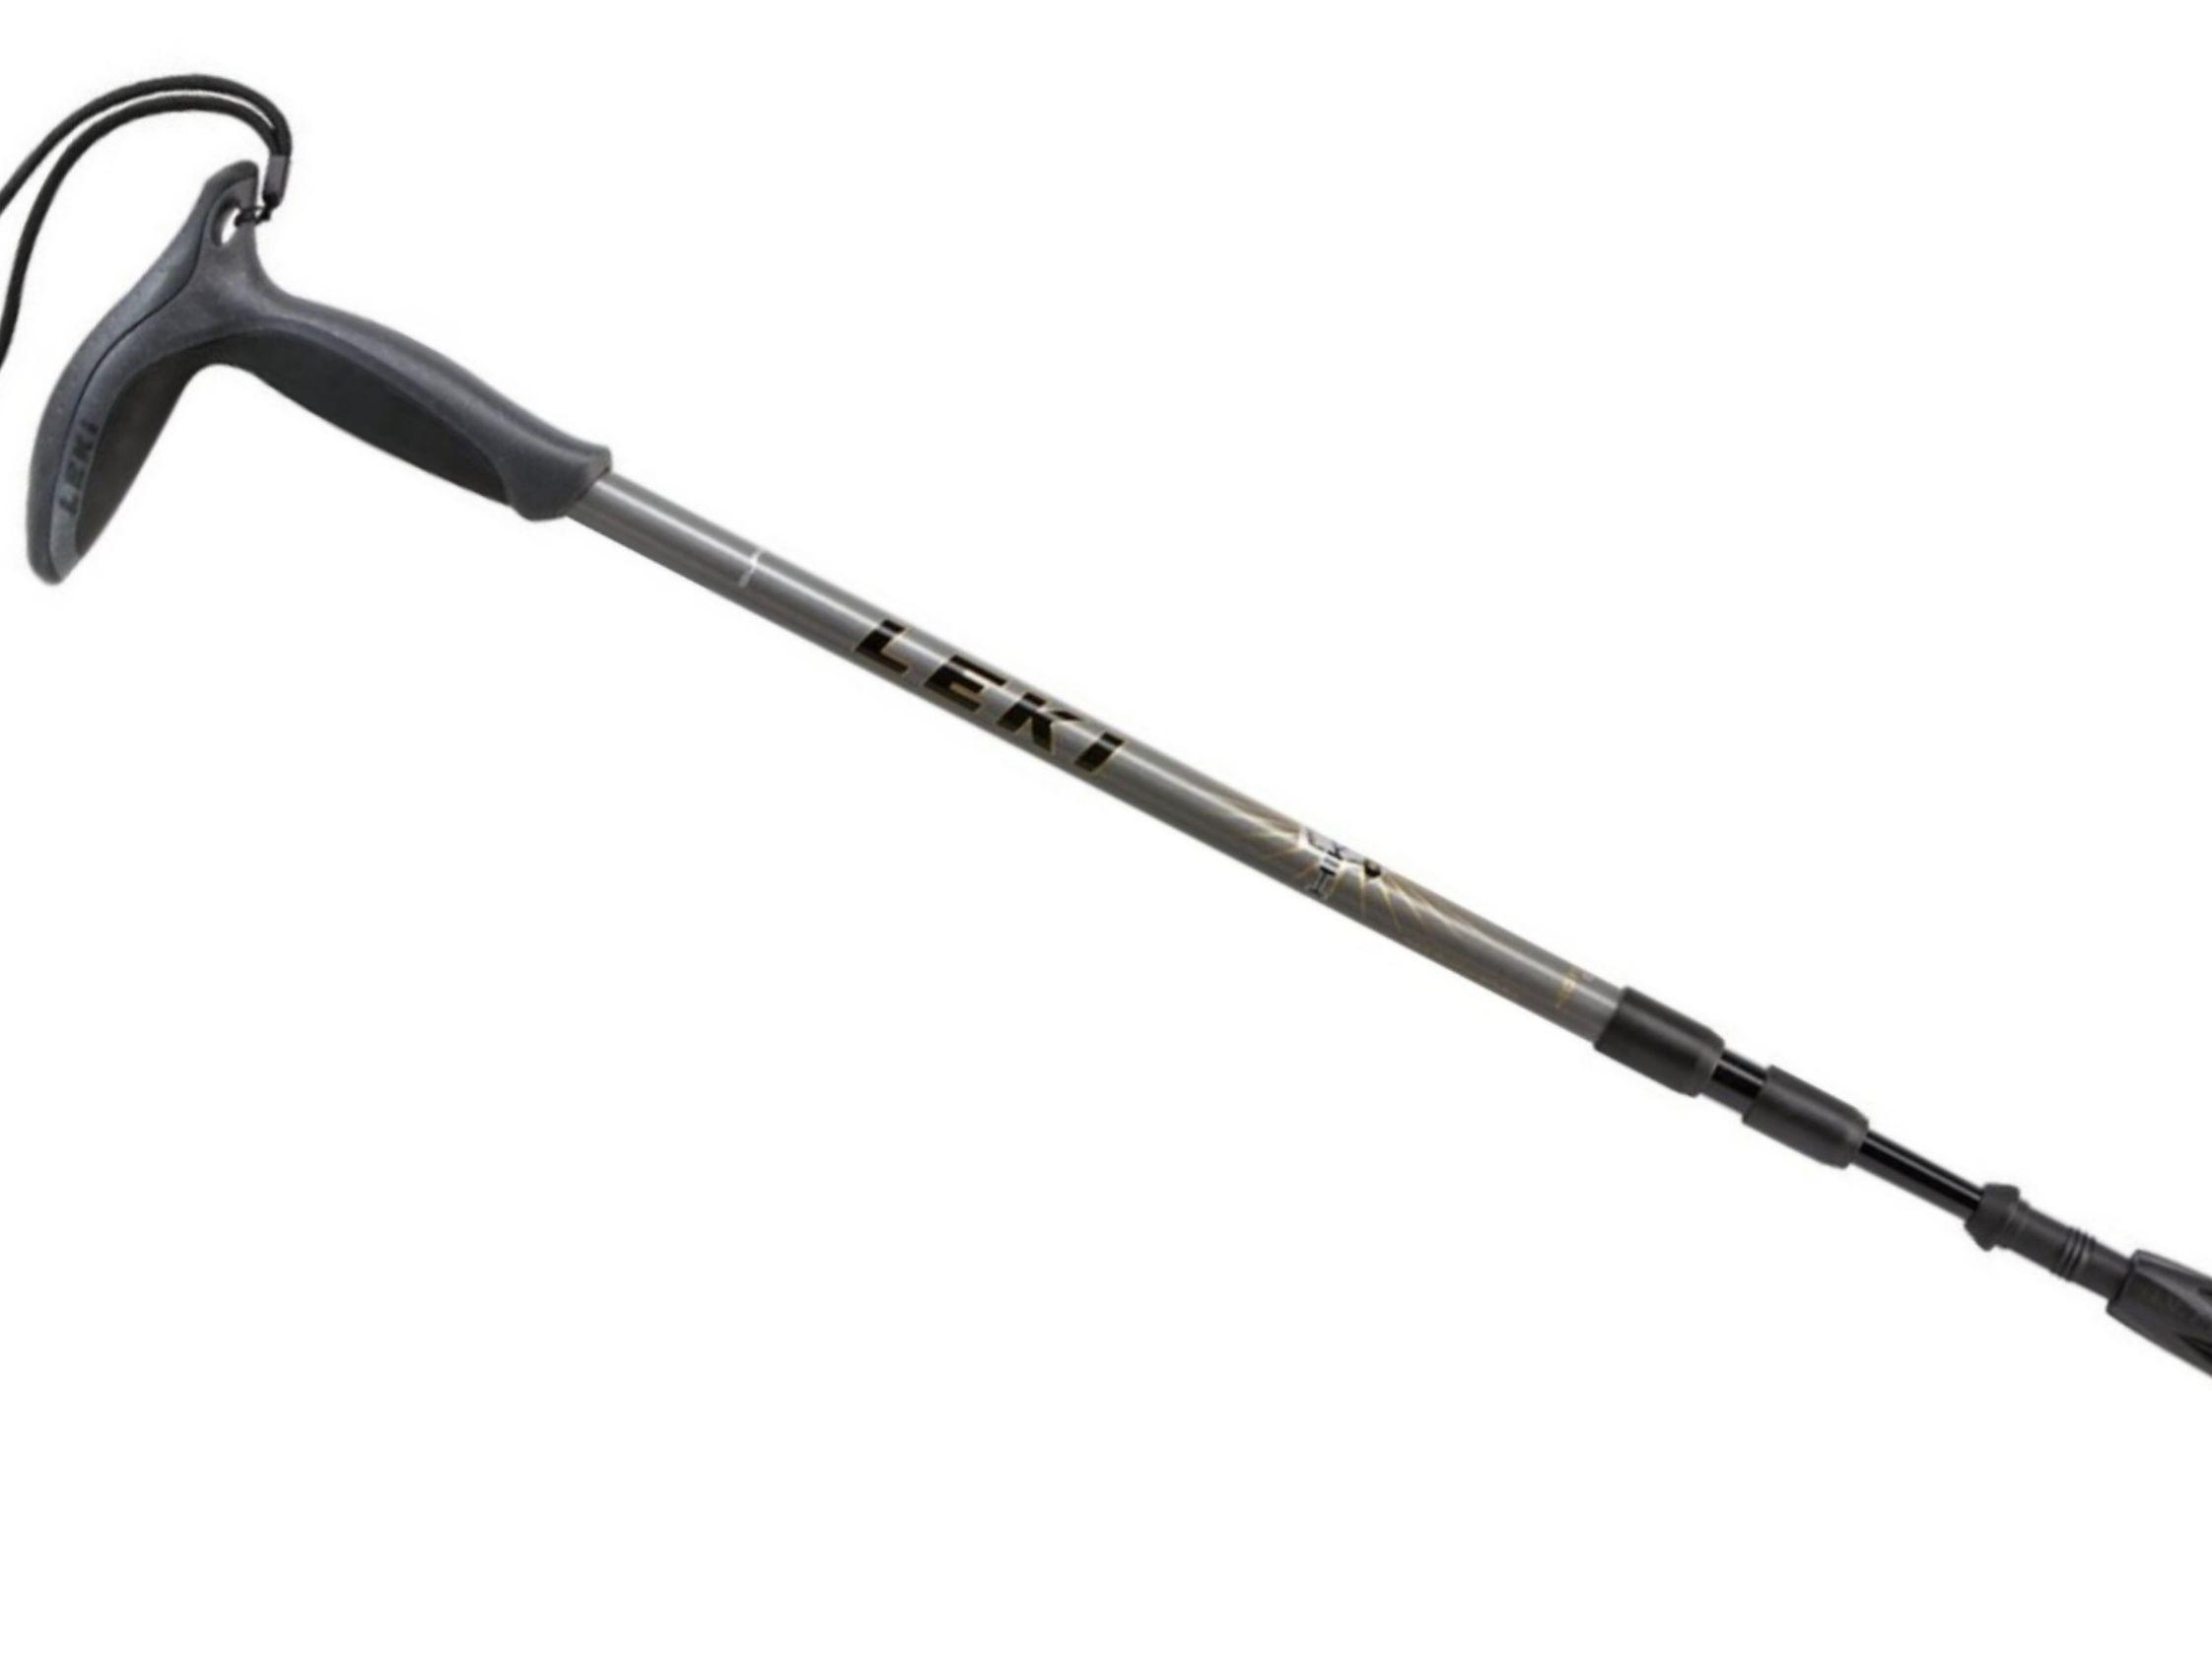 Leki Pavement Tip Single Walking Trekiking Pole Rubber End x 1